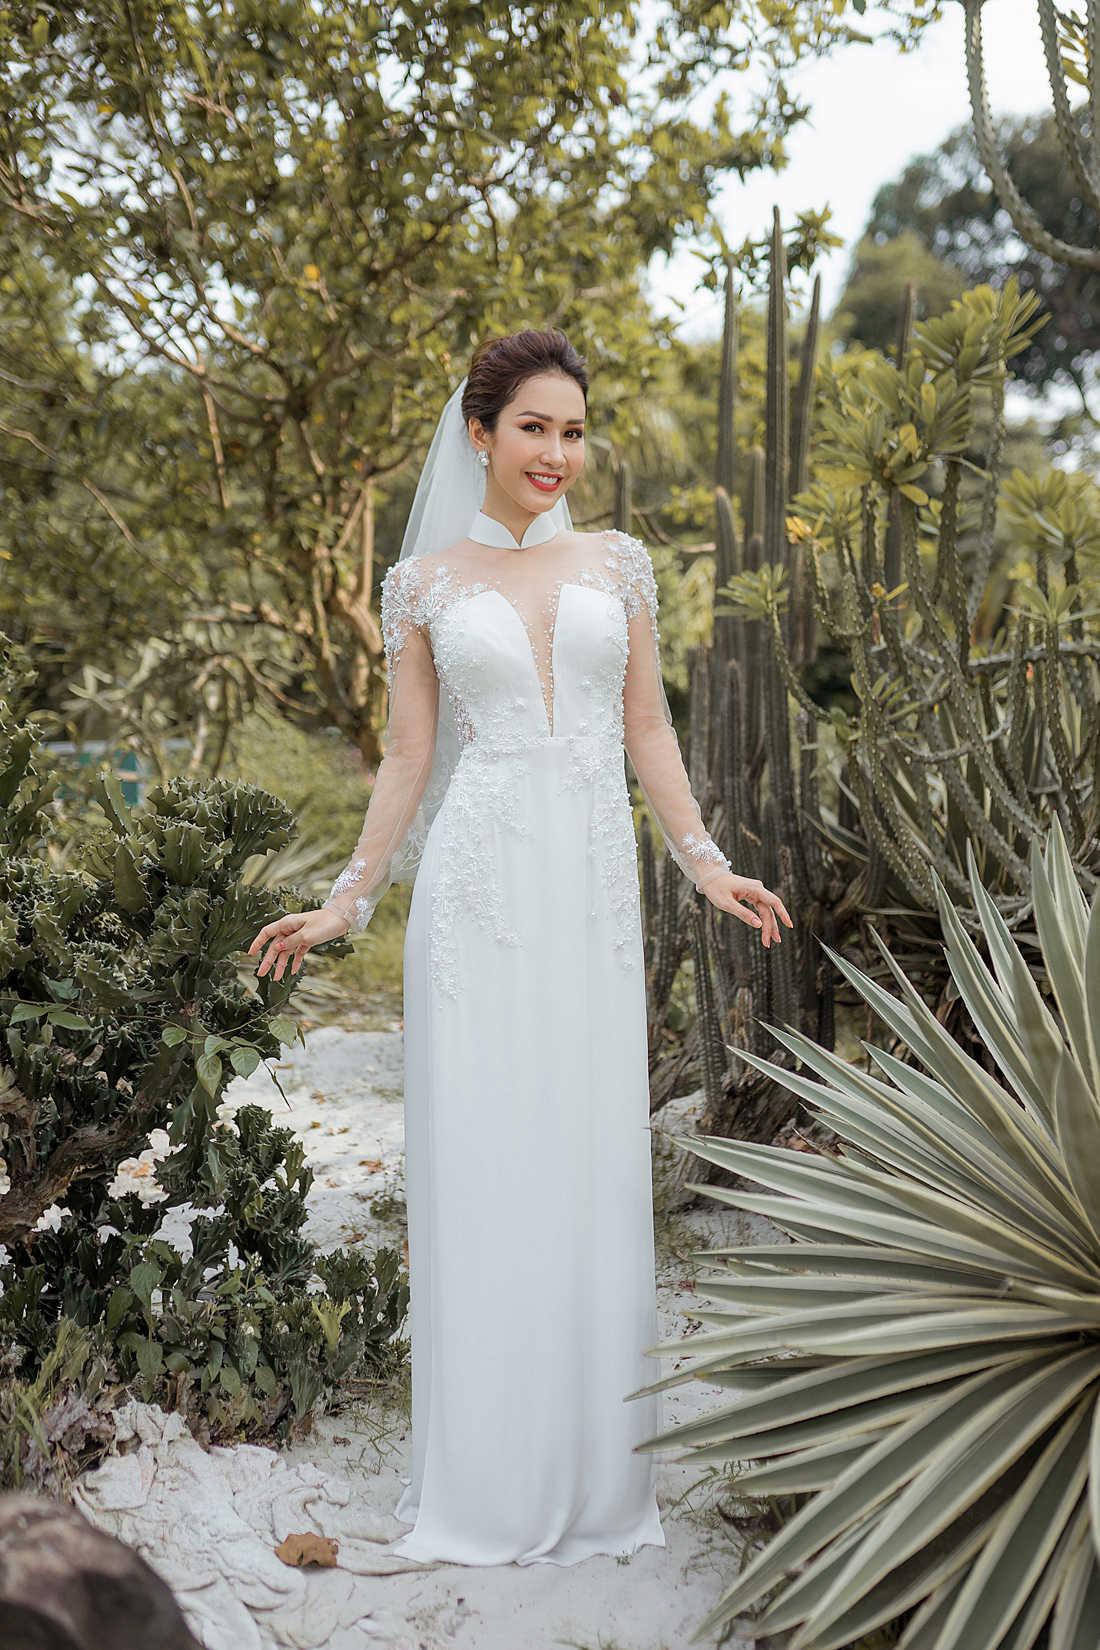 thuê áo dài cô dâu chú rể tại TPHCM